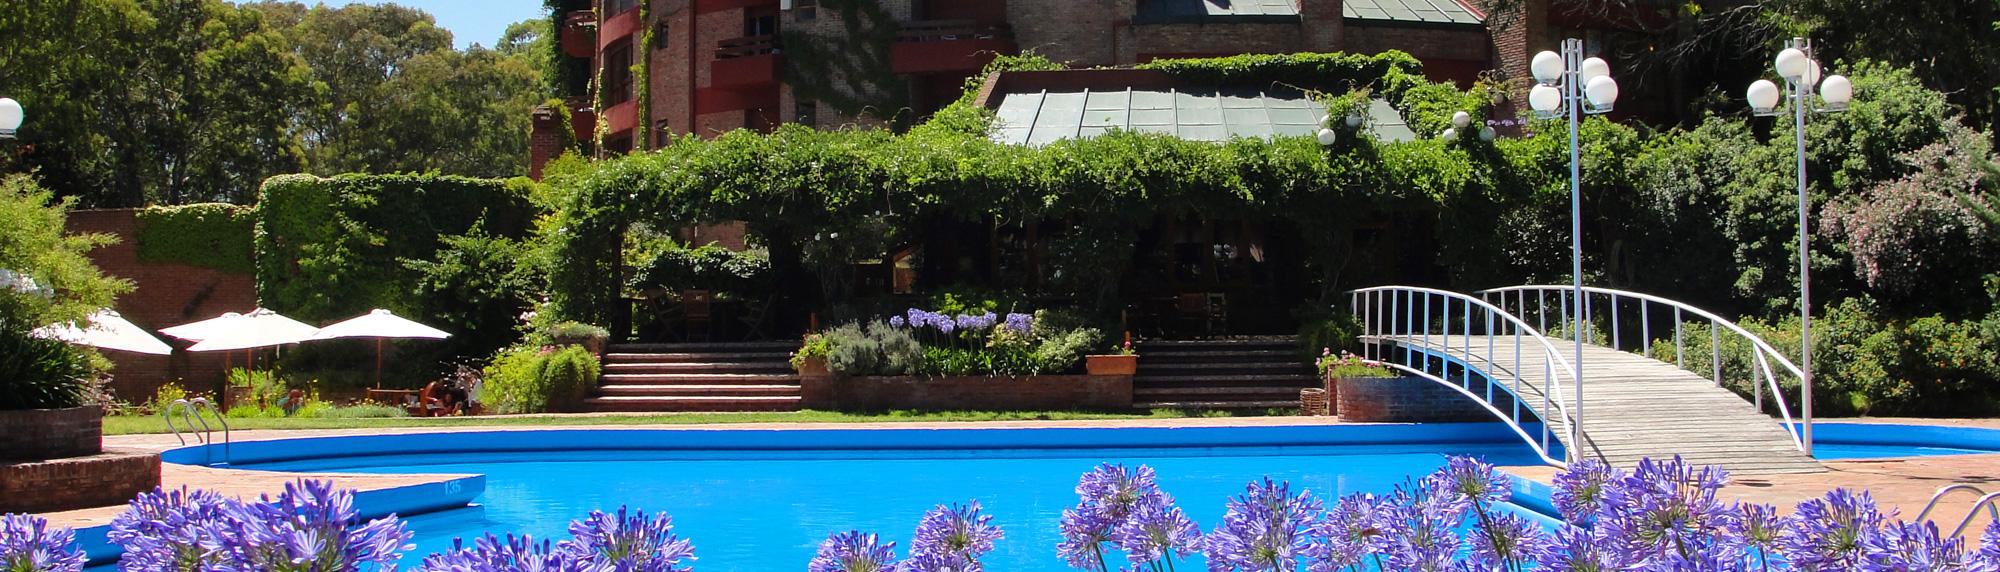 Hotel Del Bosque - Hotel en pinamar con pileta